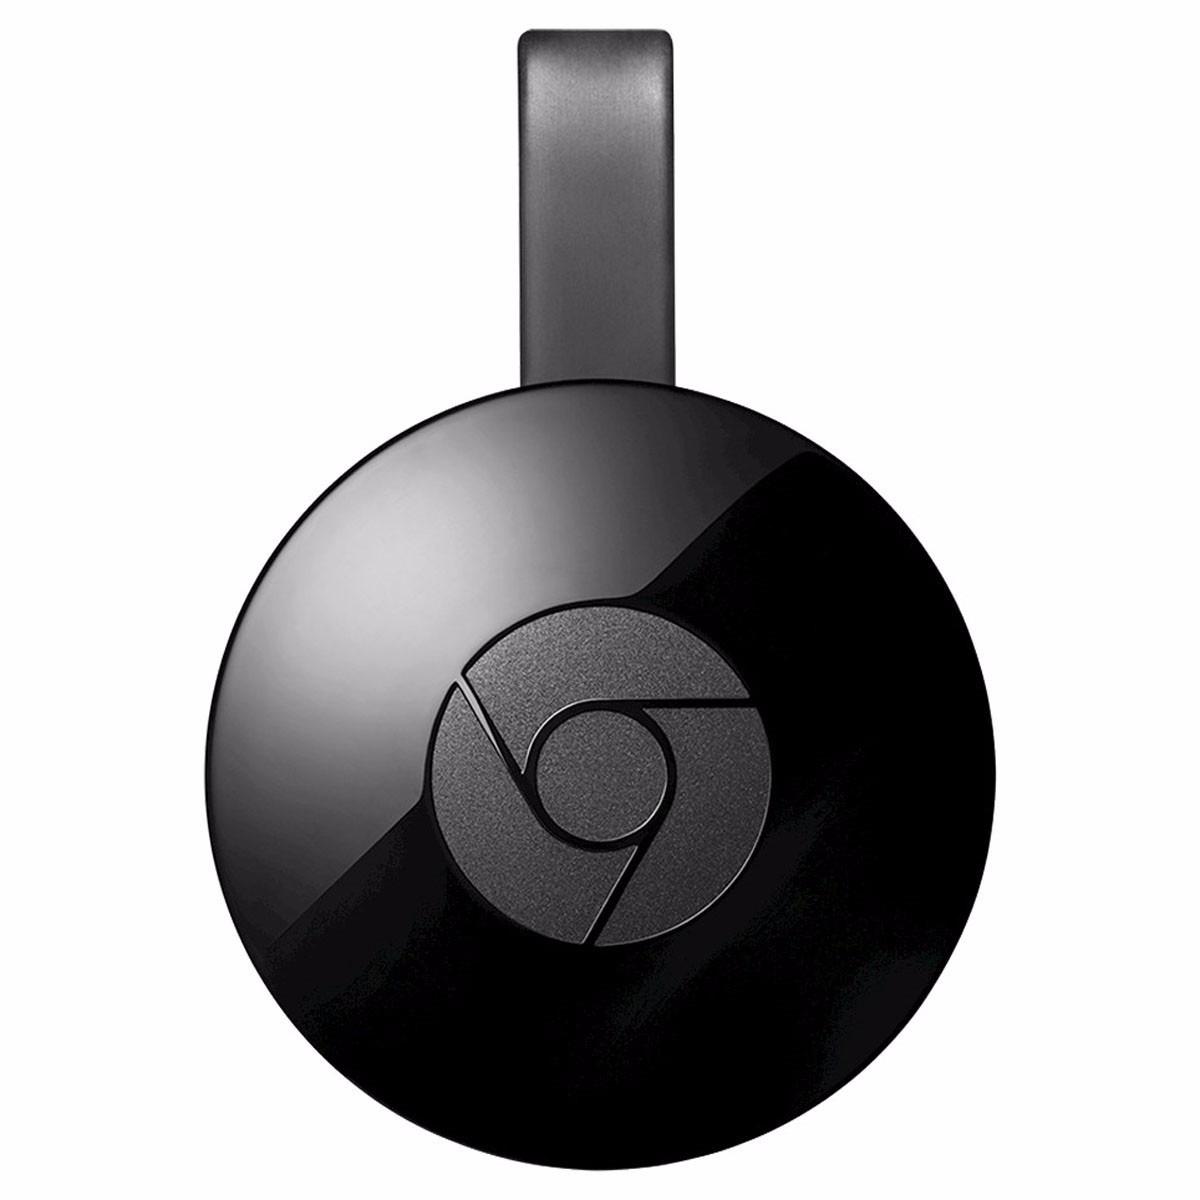 Chromecast 1080p